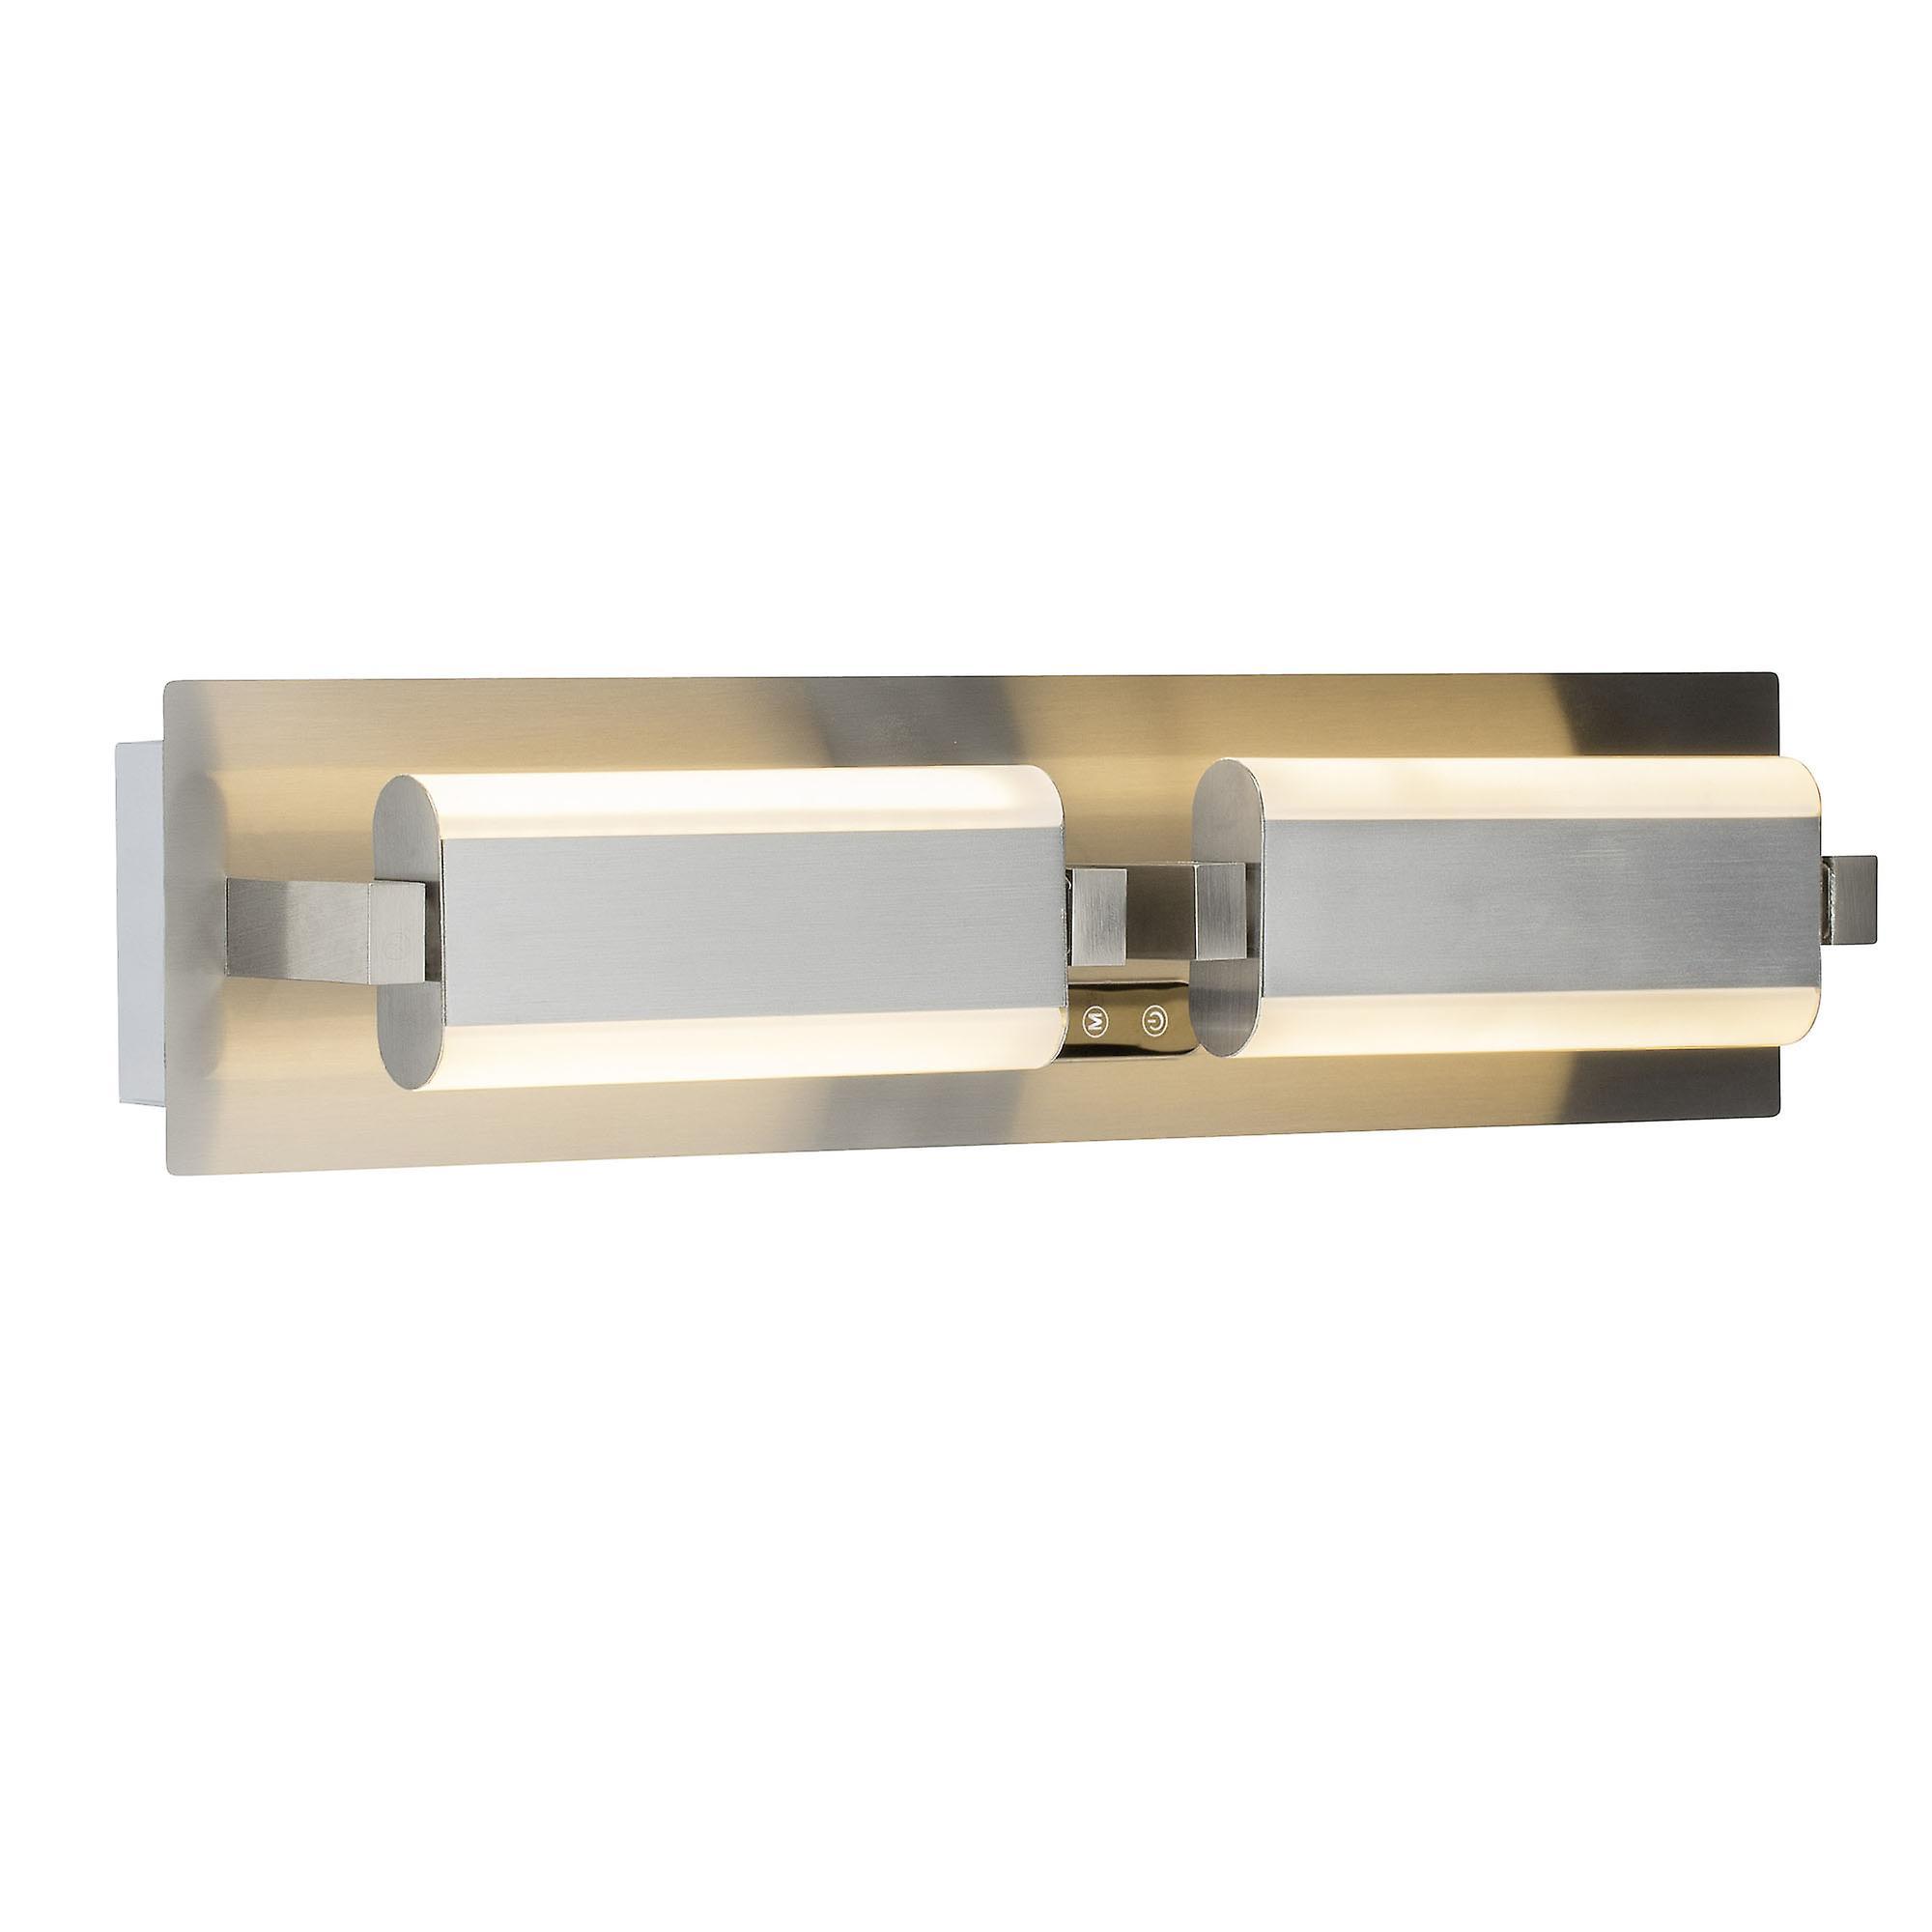 BRILLIANT Lampe NEXT LED Wandleuchte 2flg eisen Elemente schwenkbar I mit Touchdimmer / Lichtfarbe einstellbar